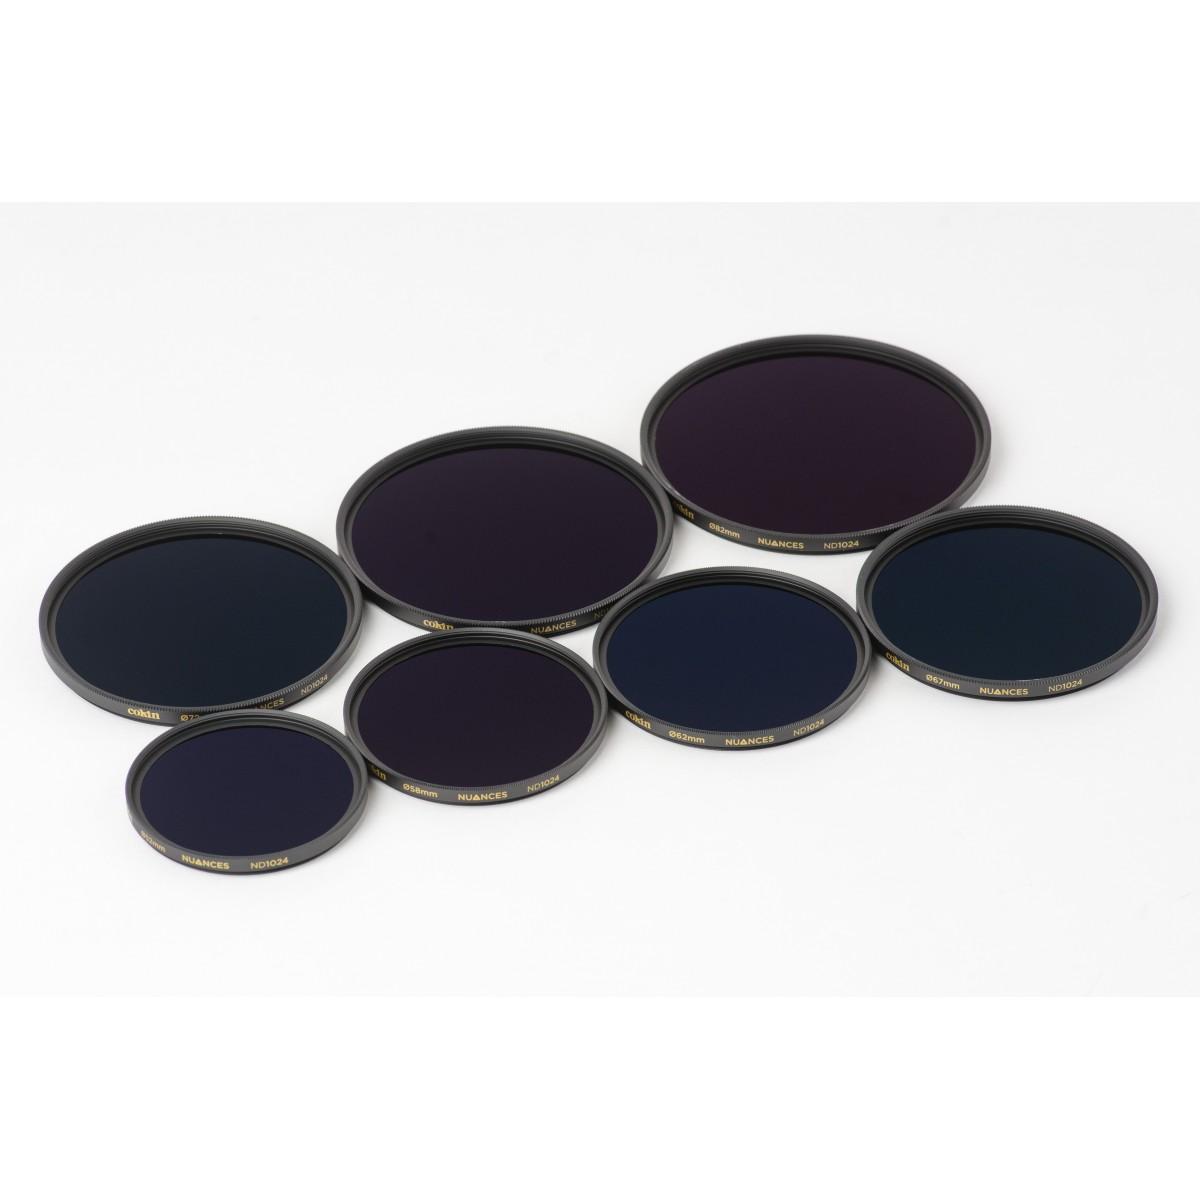 COKIN NUANCES - Filtre Densité Neutre vissant ND1024 - 72mm